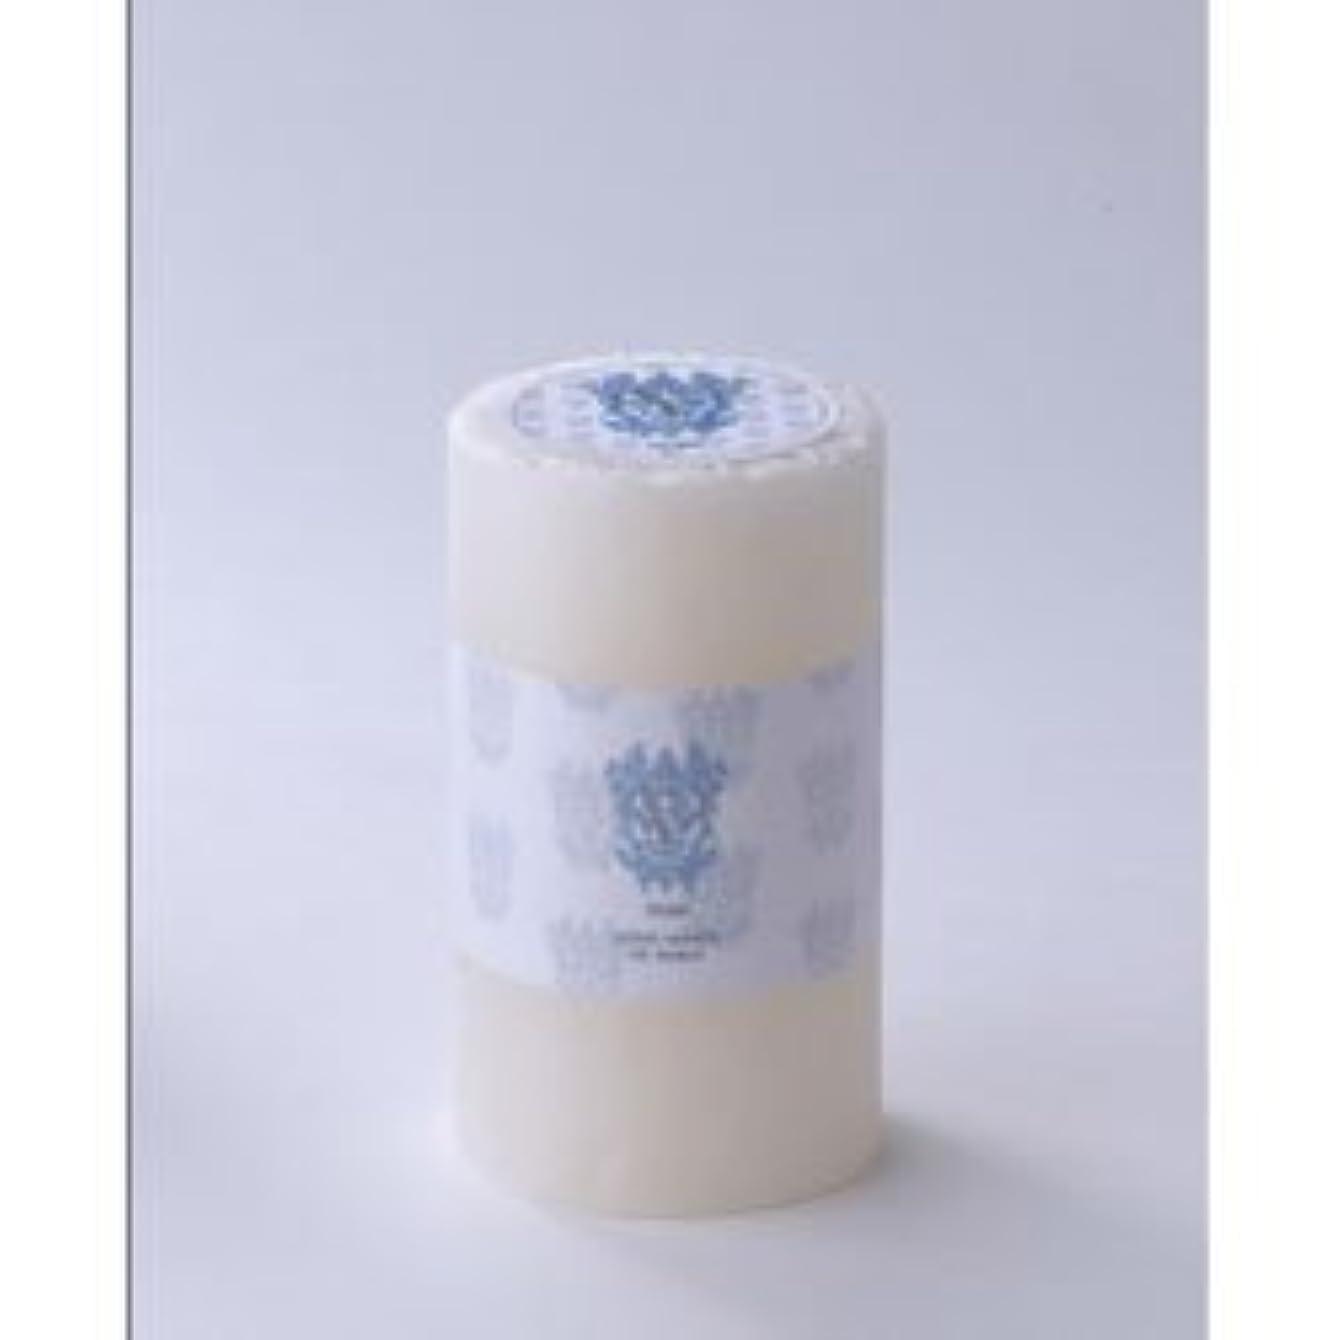 必要性ブラウズ柔らかい足ビクトリアン ピラーキャンドル Victorian pillar candle S ピュア